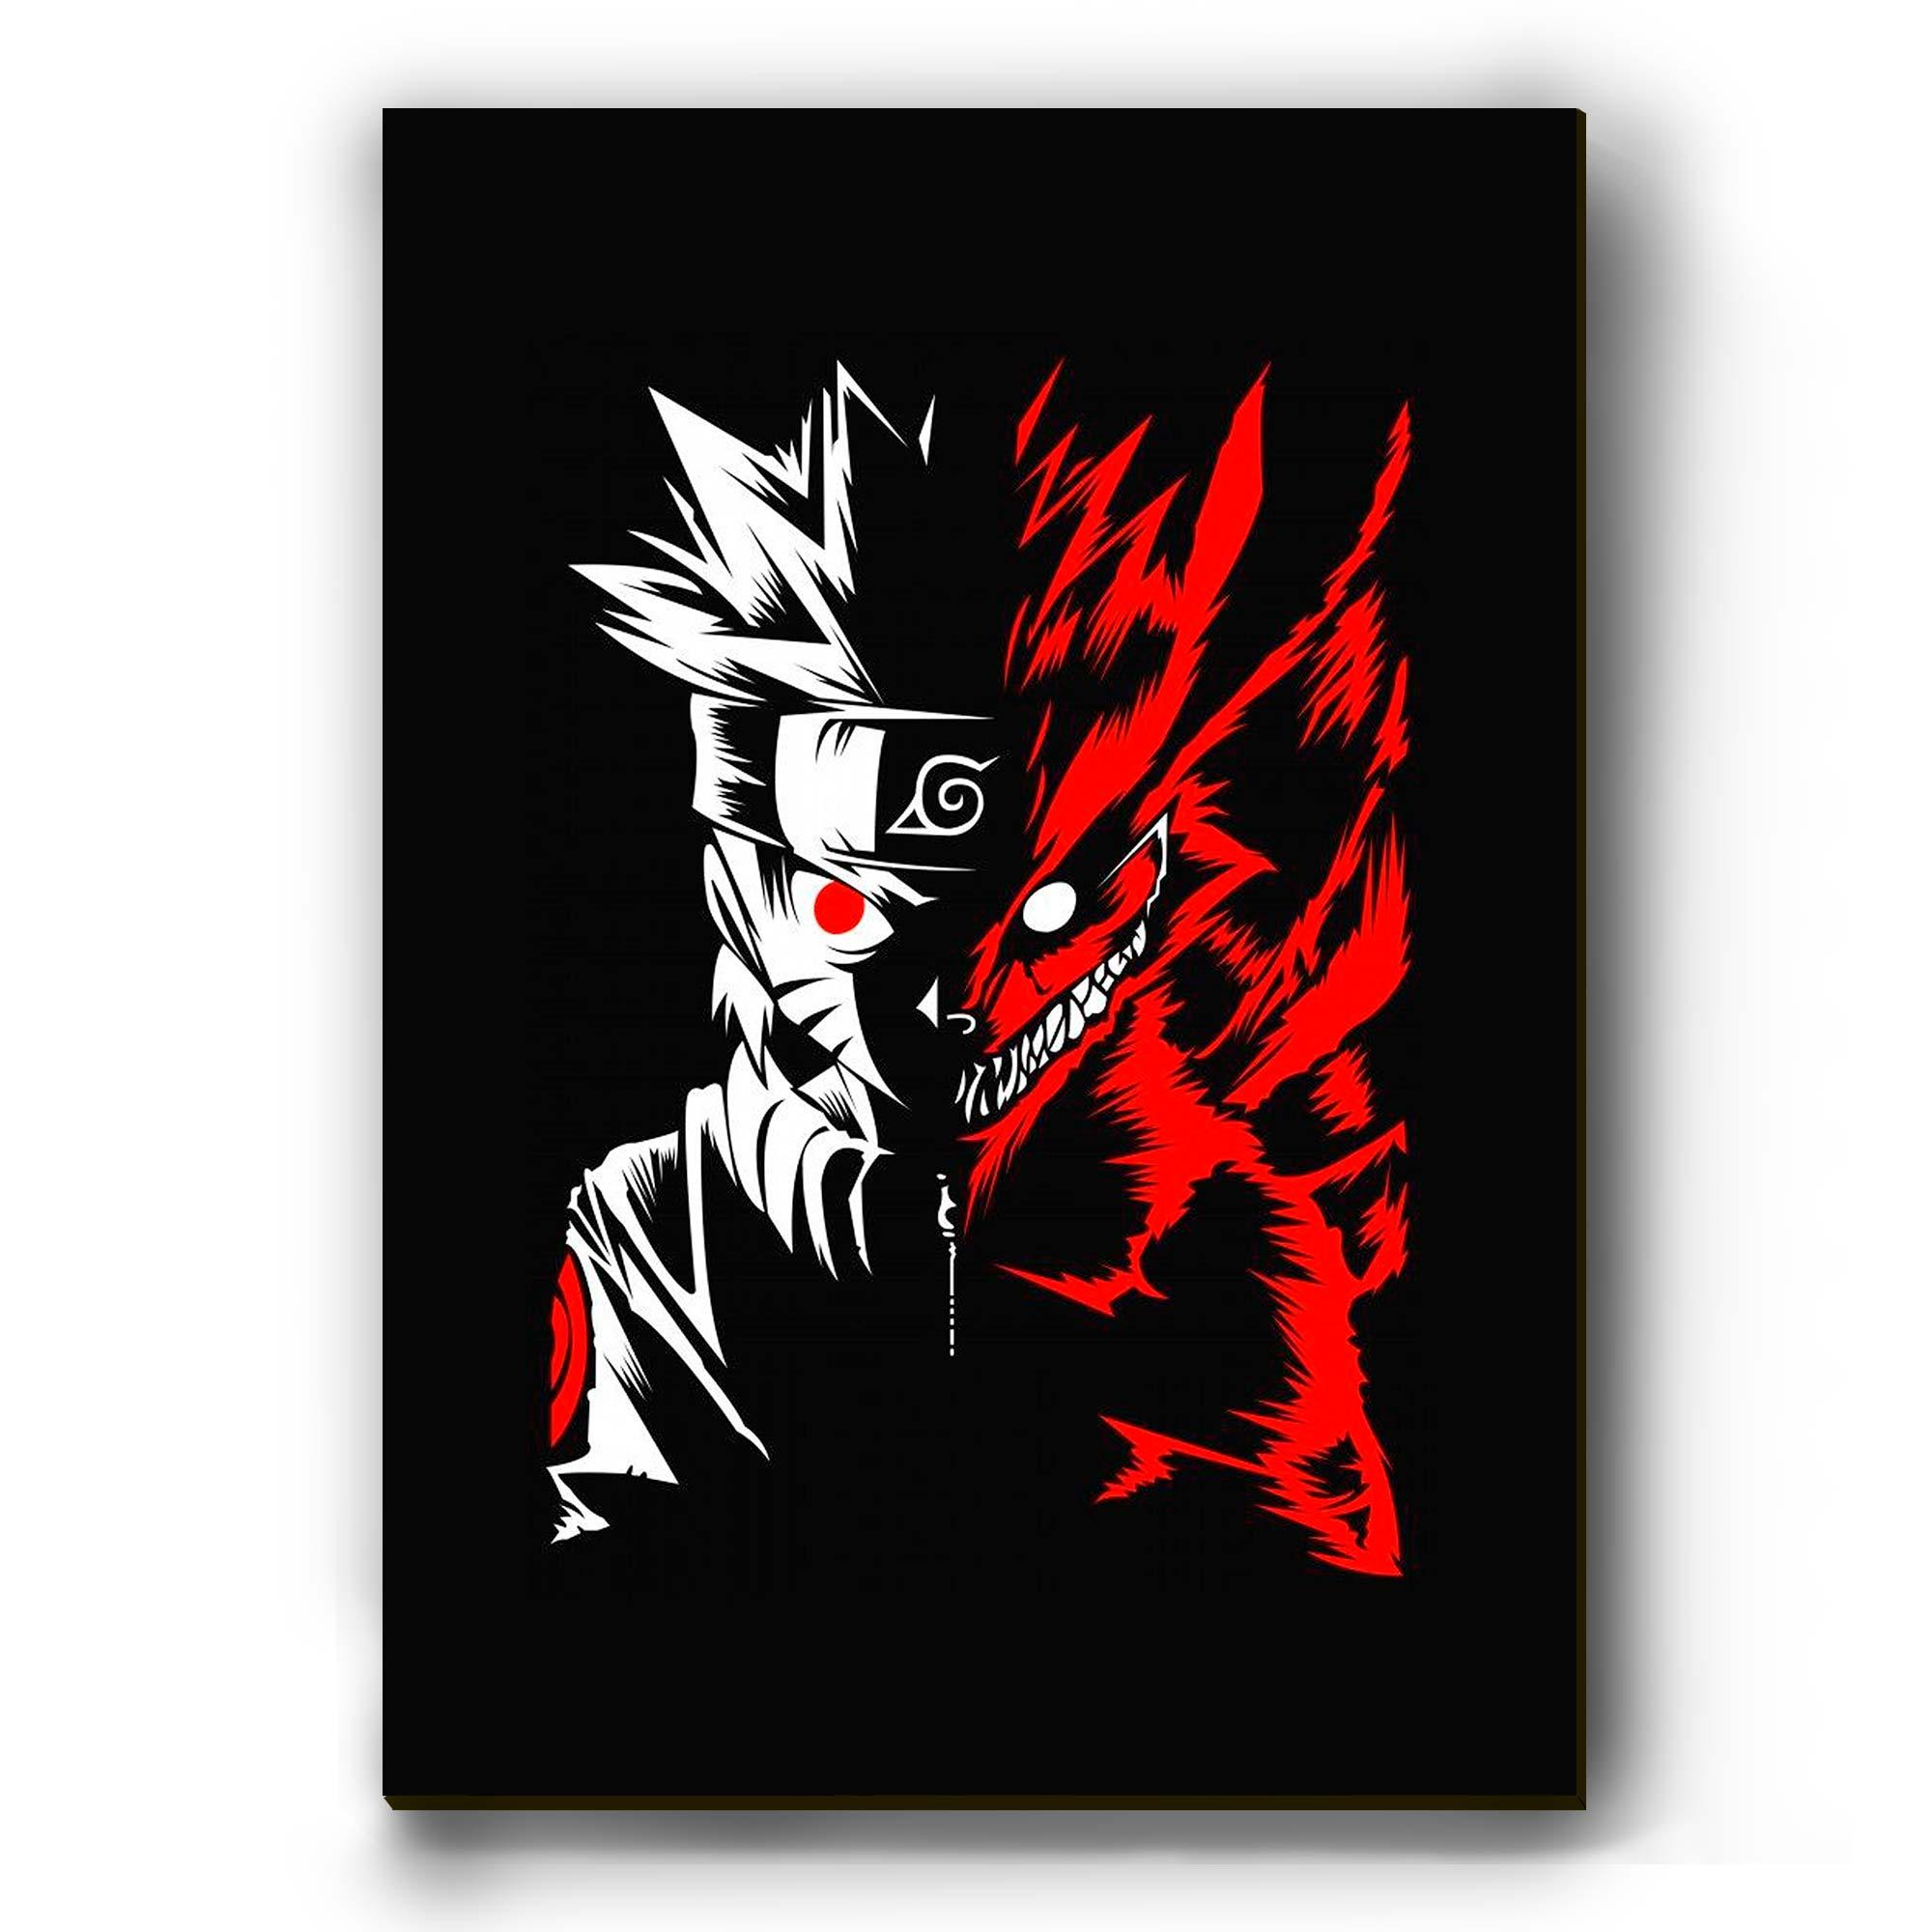 Quadro - Naruto Kurama